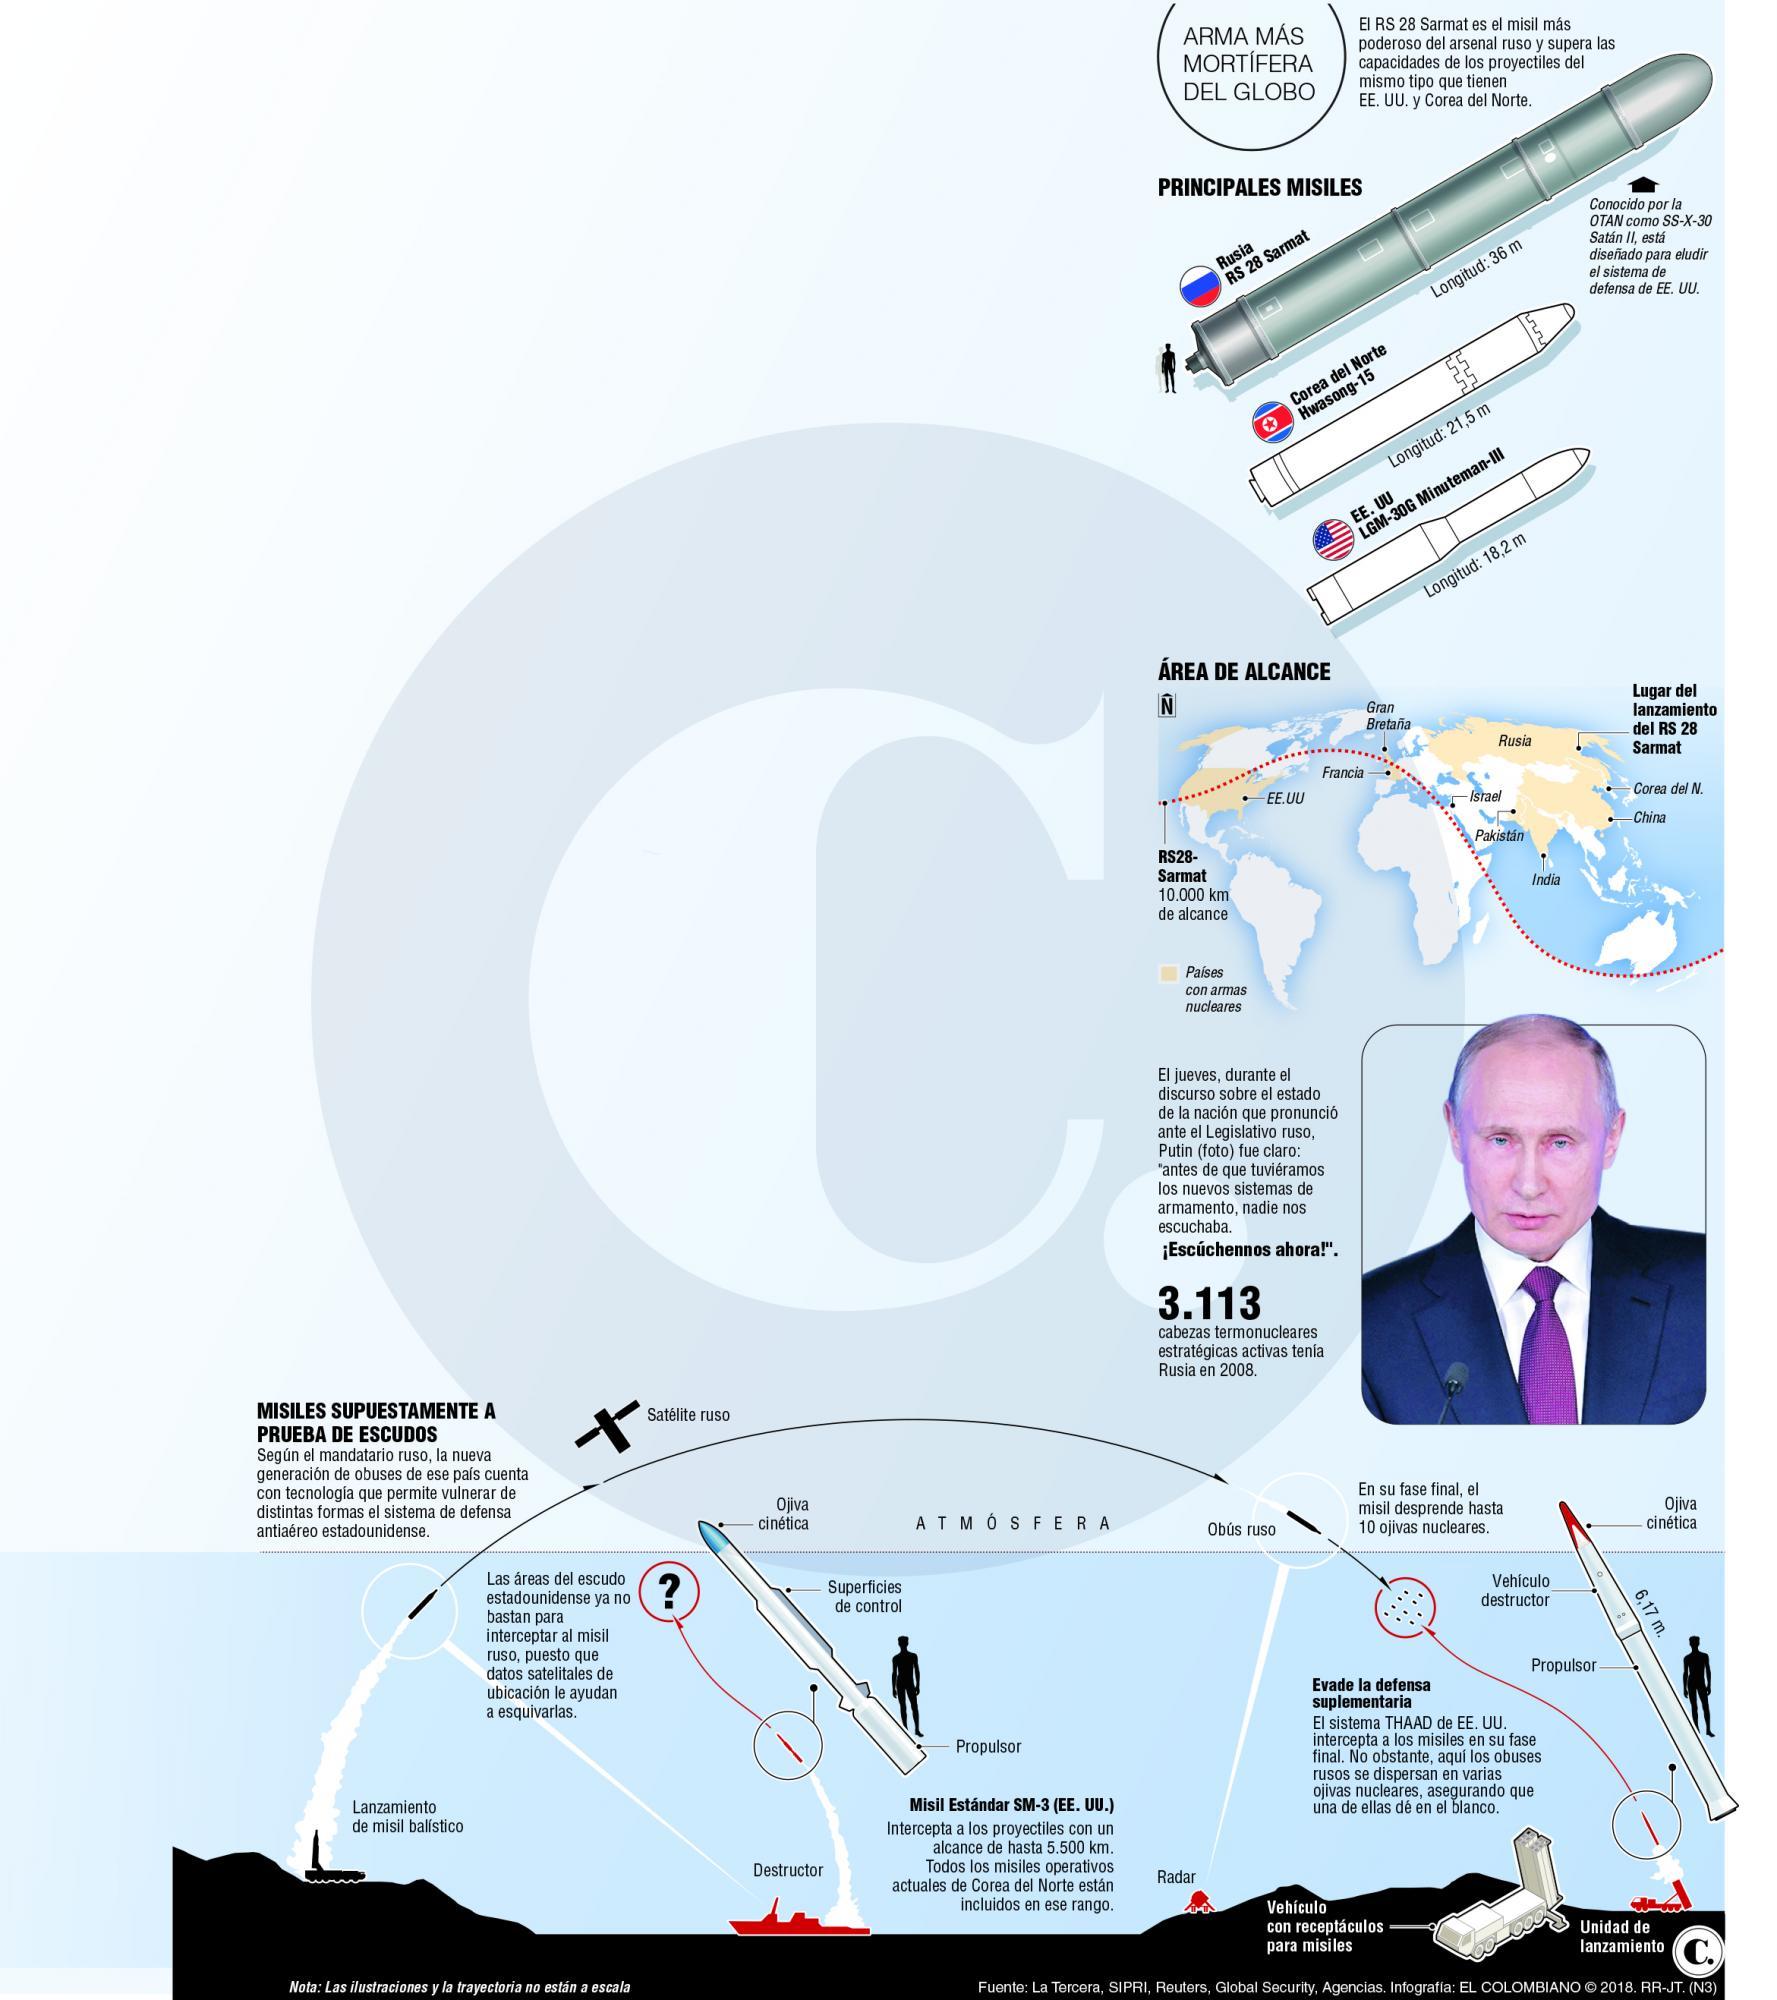 Con misiles, Putin presiona hacia otra carrera nuclear